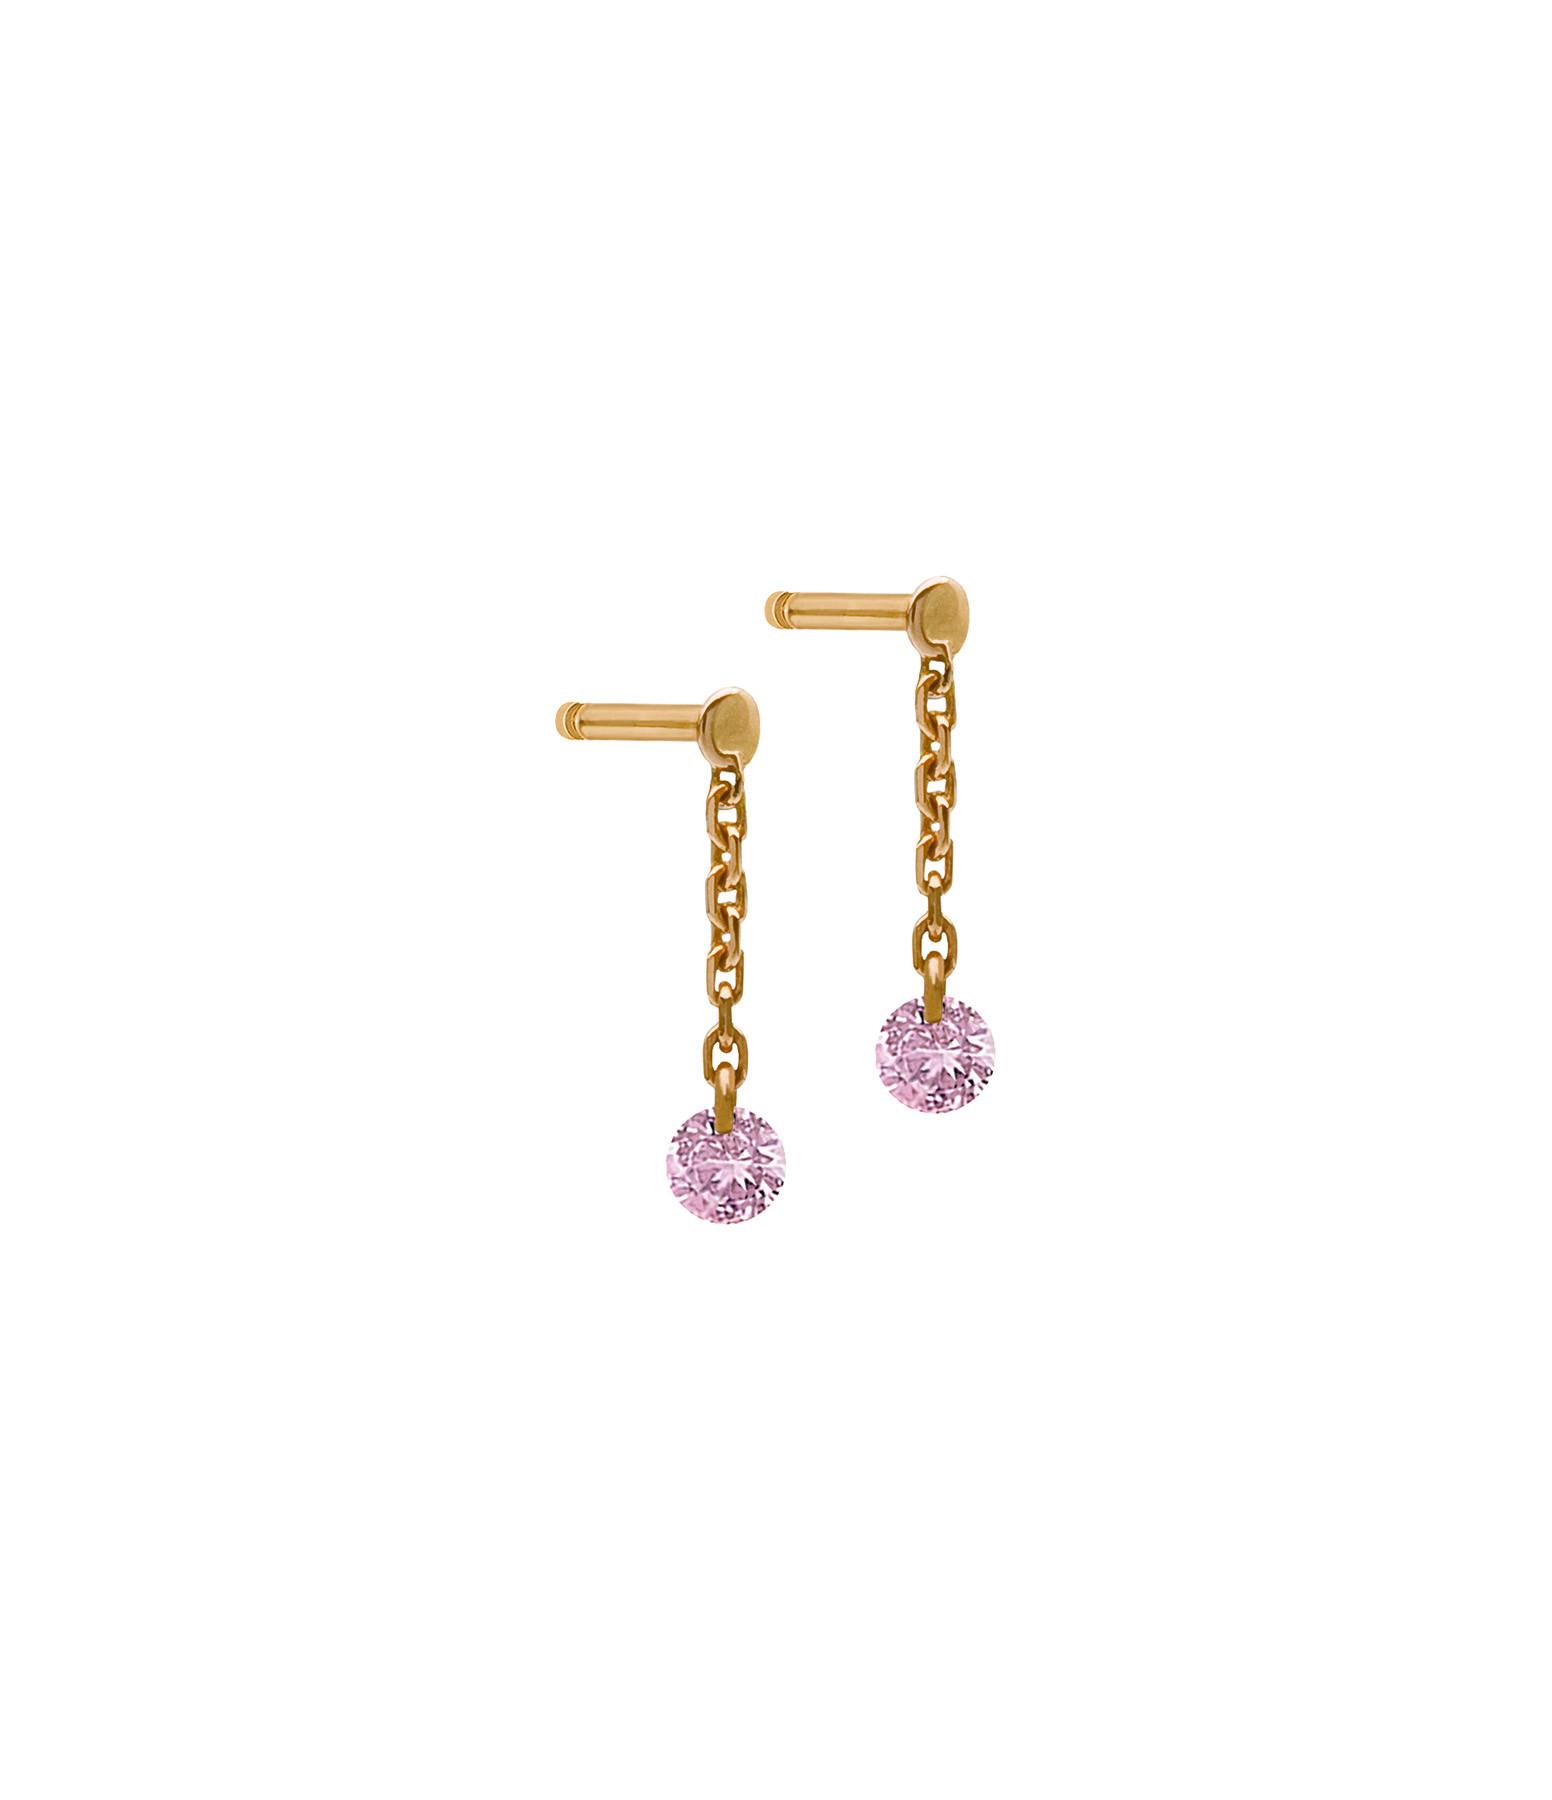 LA BRUNE & LA BLONDE - Boucles d'oreilles Confetti Saphir Rose Or Rose